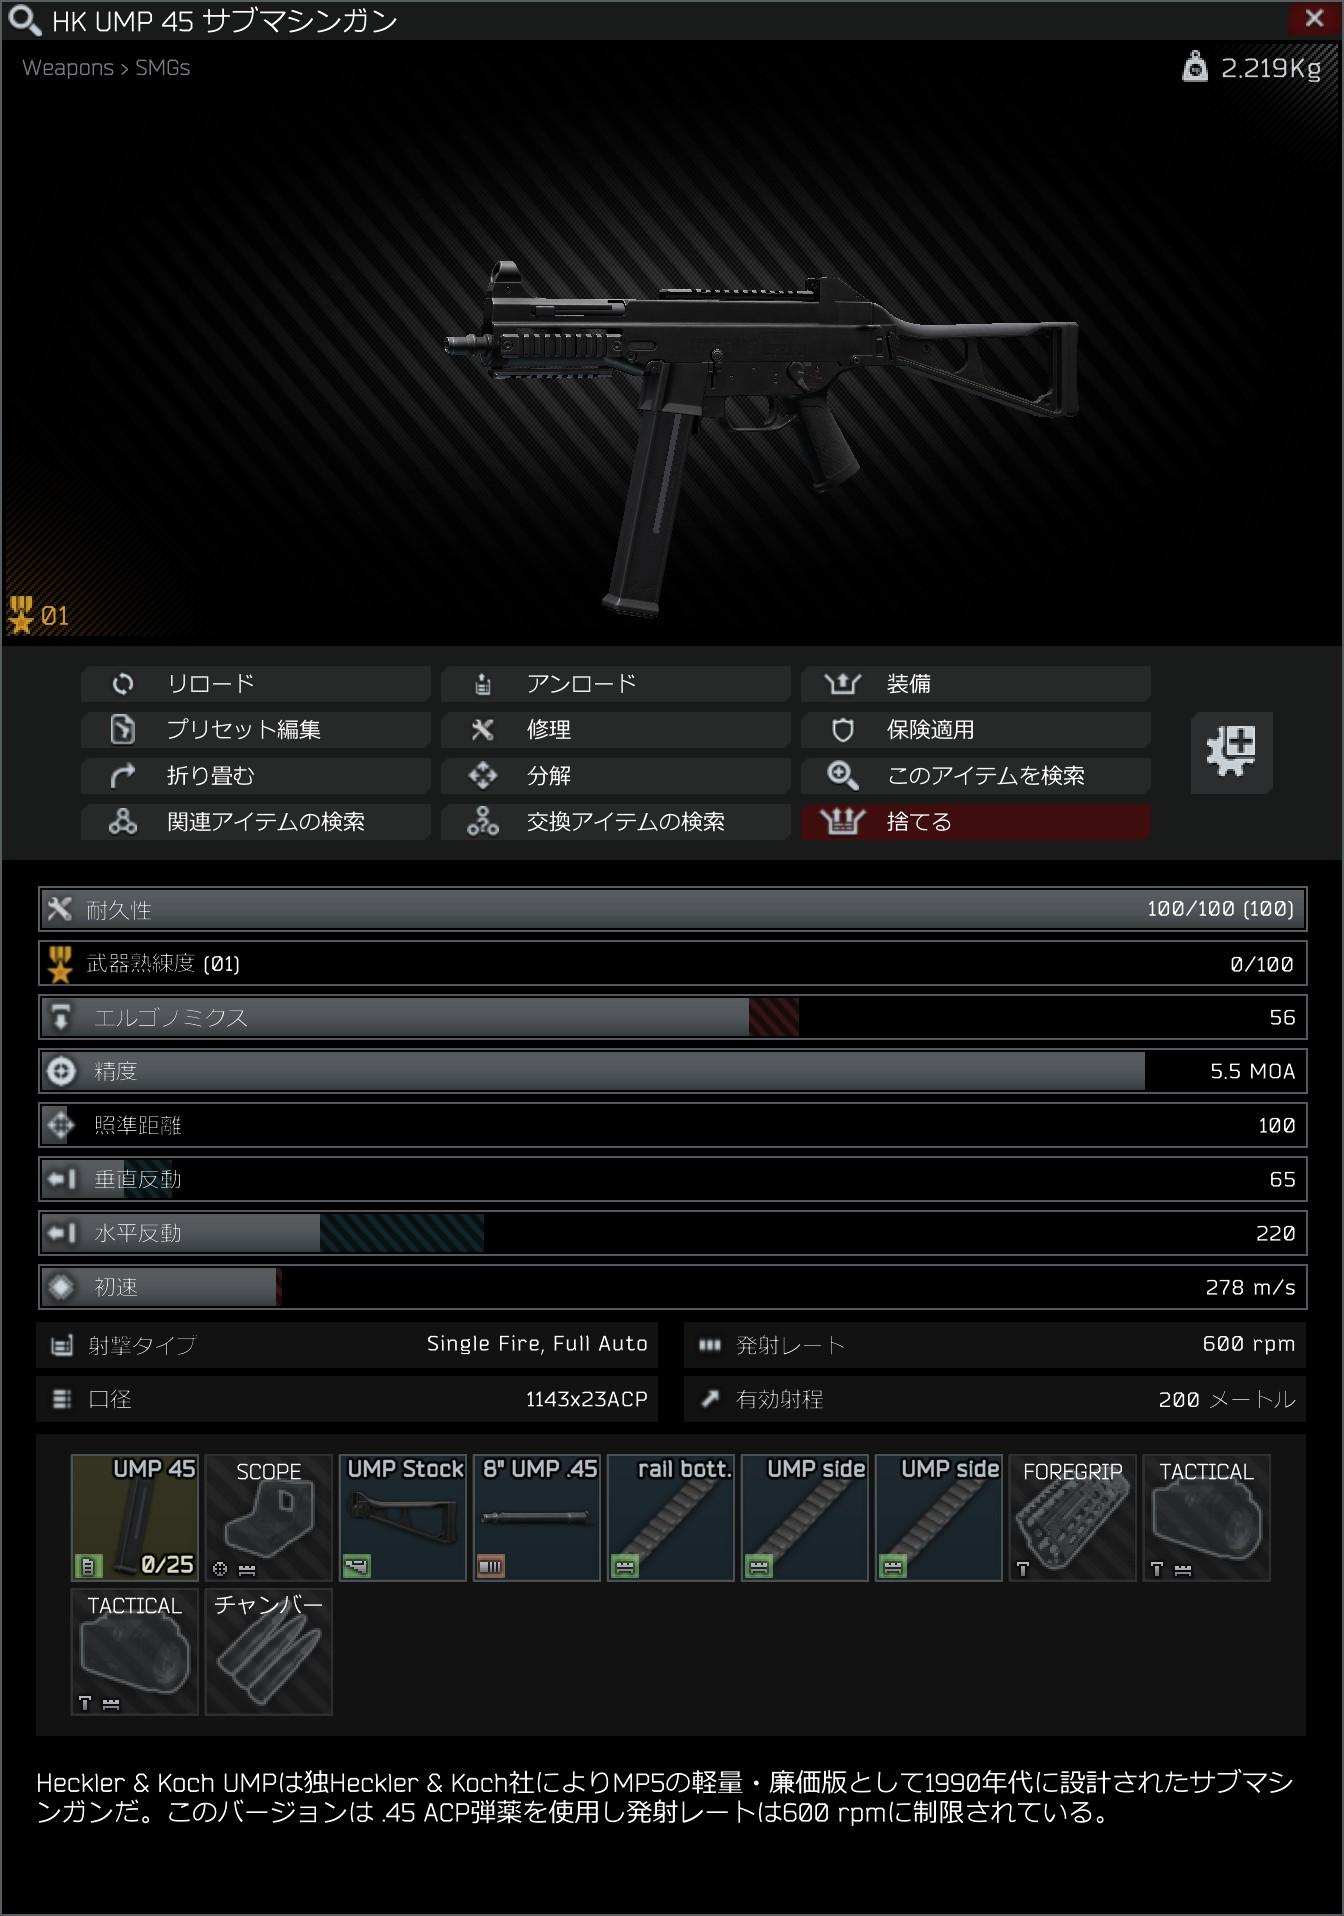 HK UMP 45 submachinegun.jpg